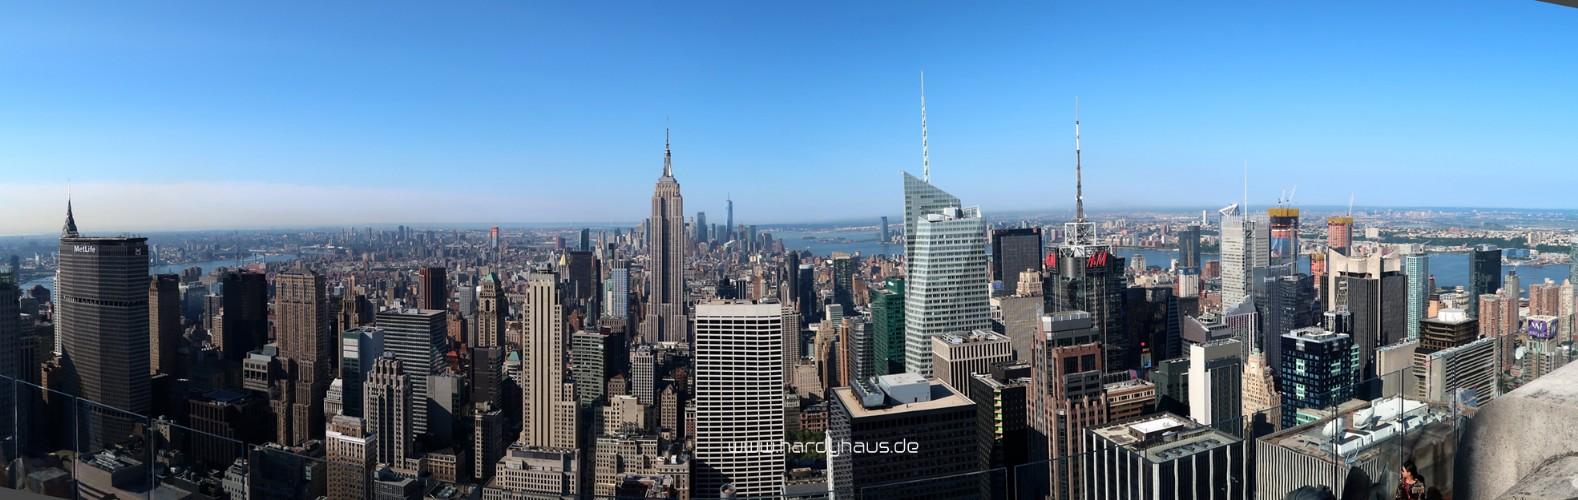 Ziemlich Schriftsteller In New York City Fortsetzen Ideen - Beispiel ...